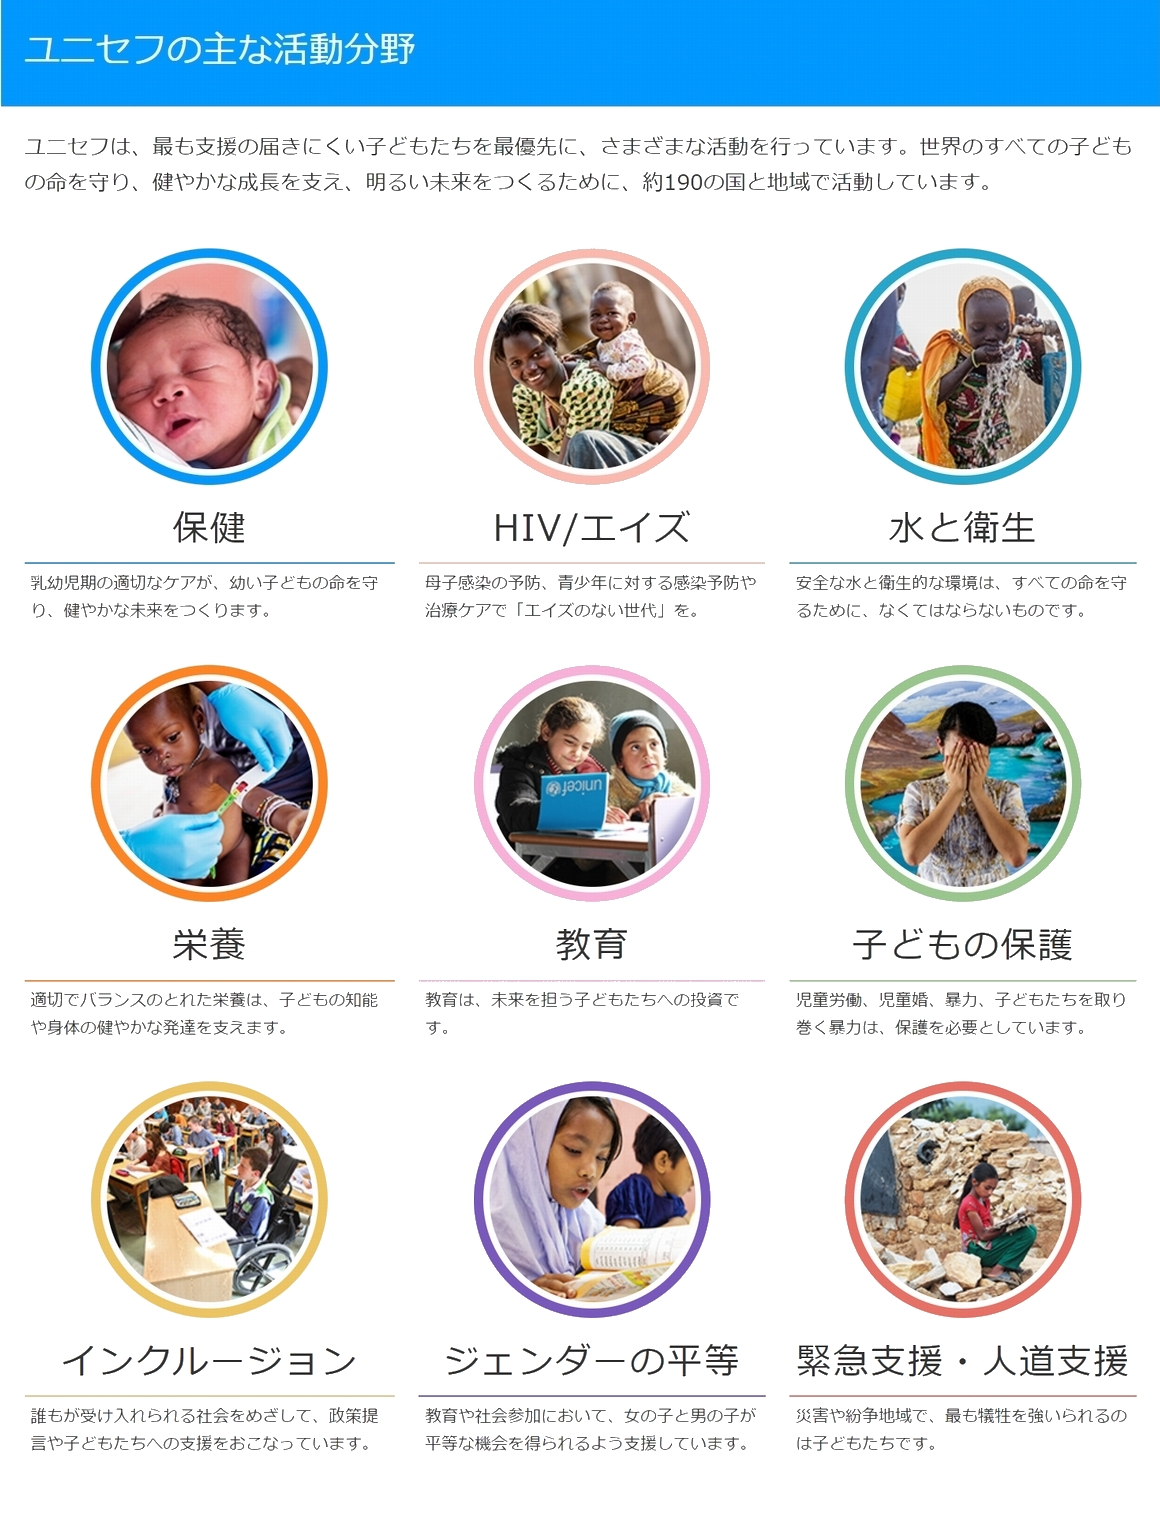 社会・環境活動(ユニセフ募金箱)